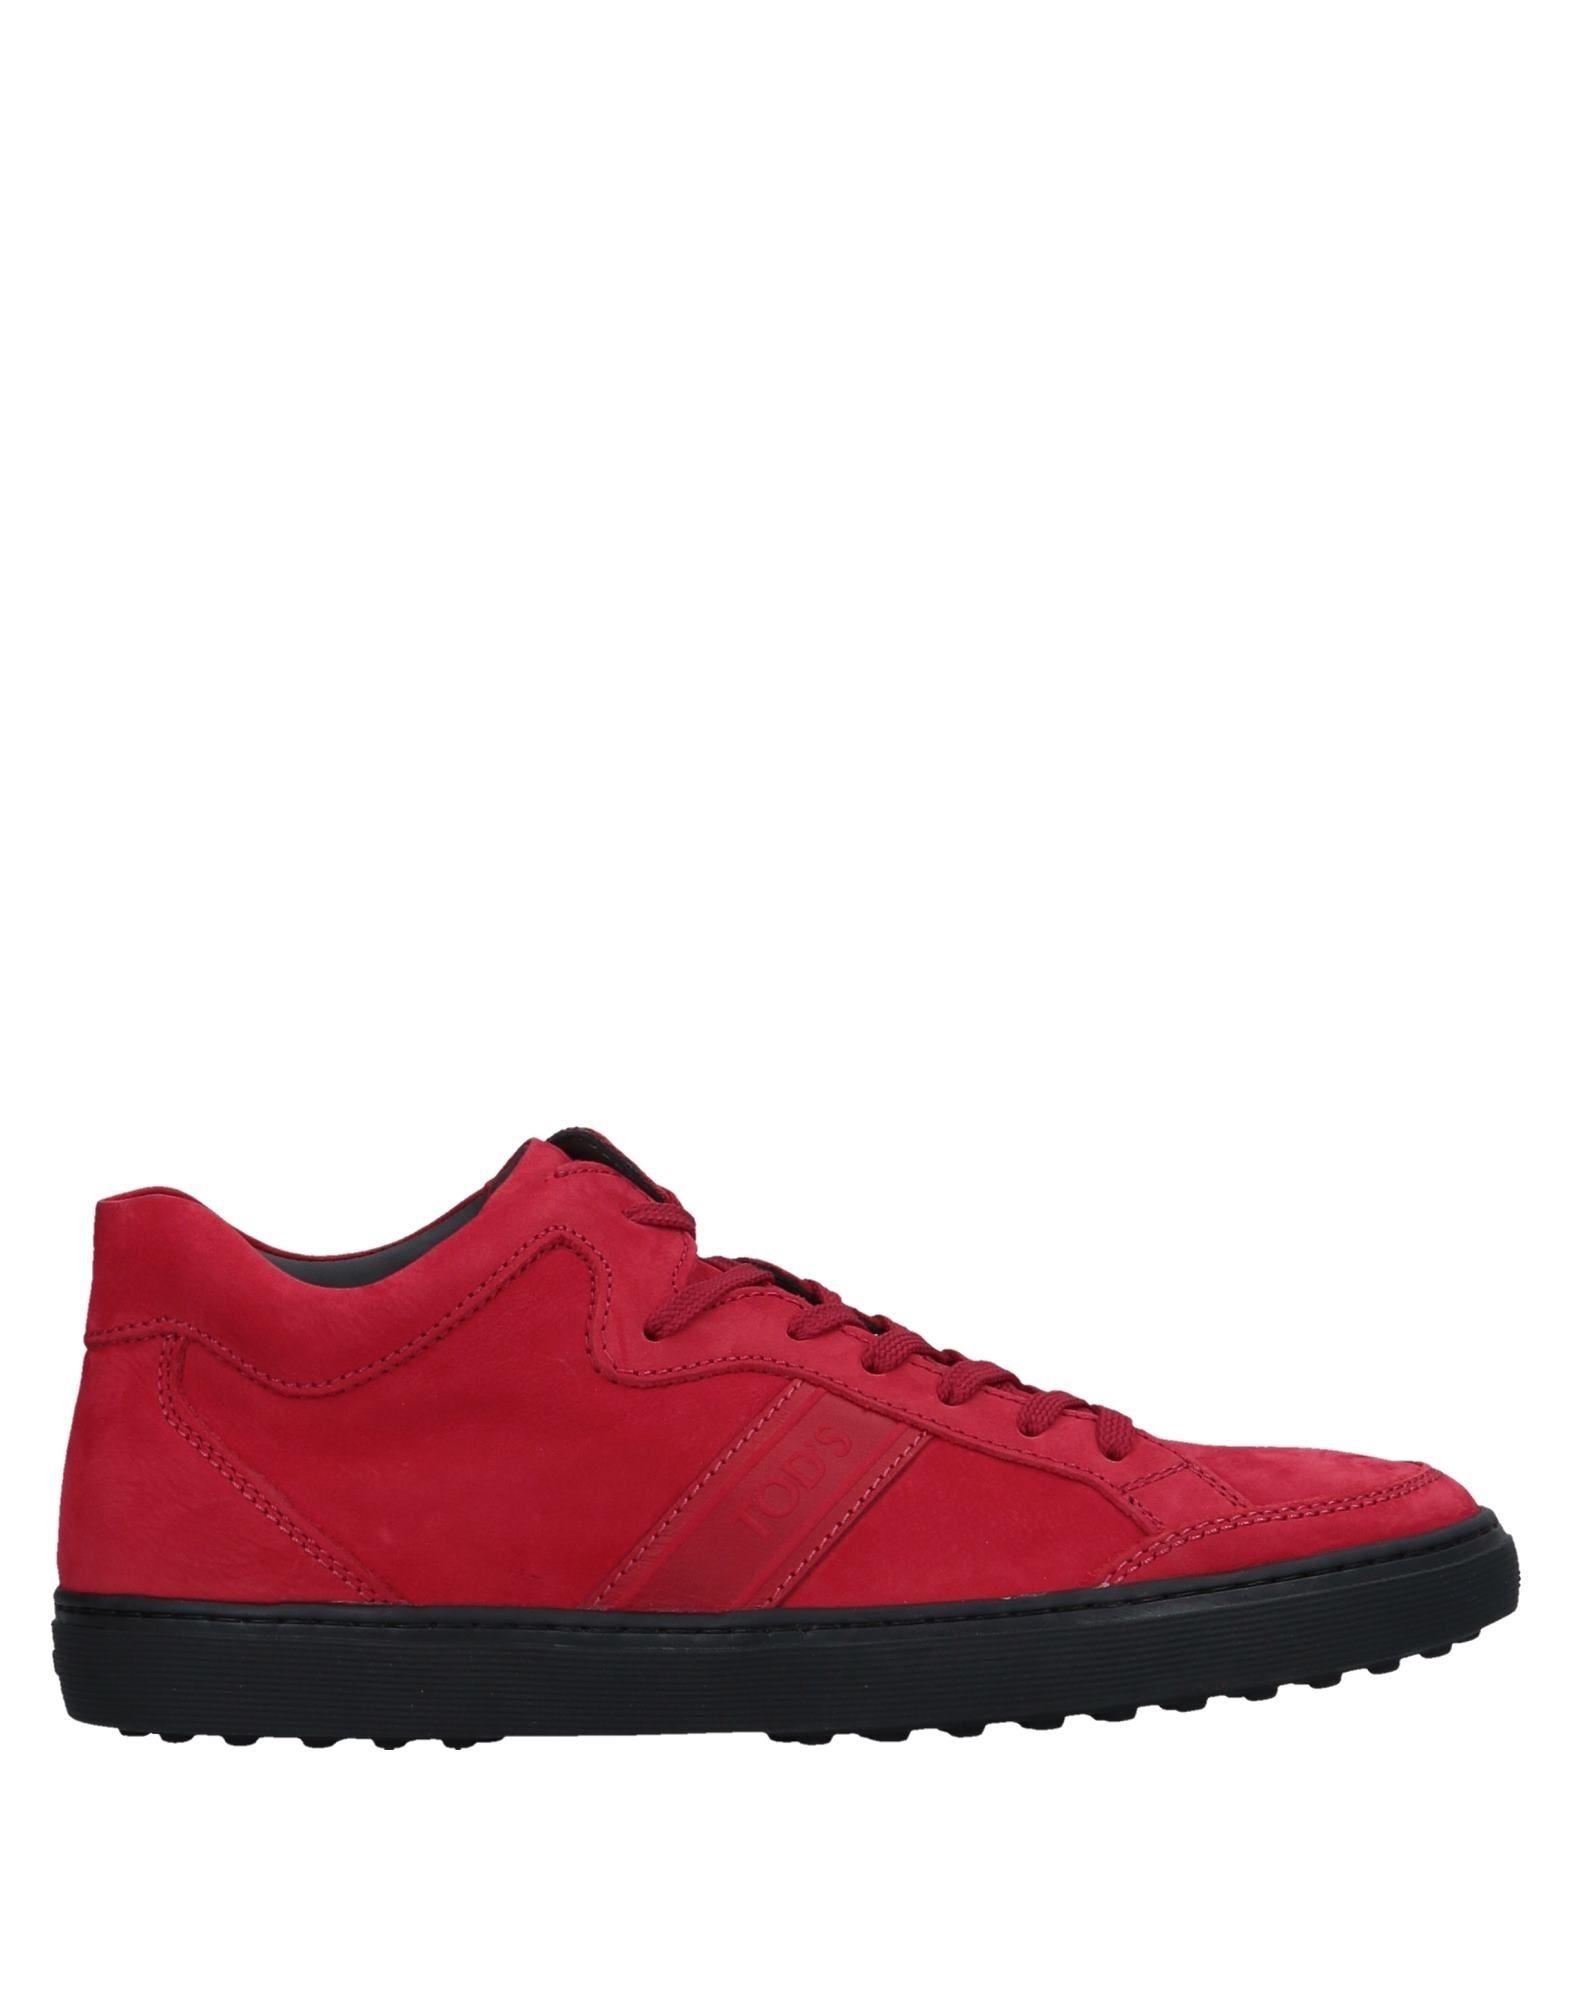 Sneakers Tod's Homme - Sneakers Tod's  Rouge Meilleur modèle de vente